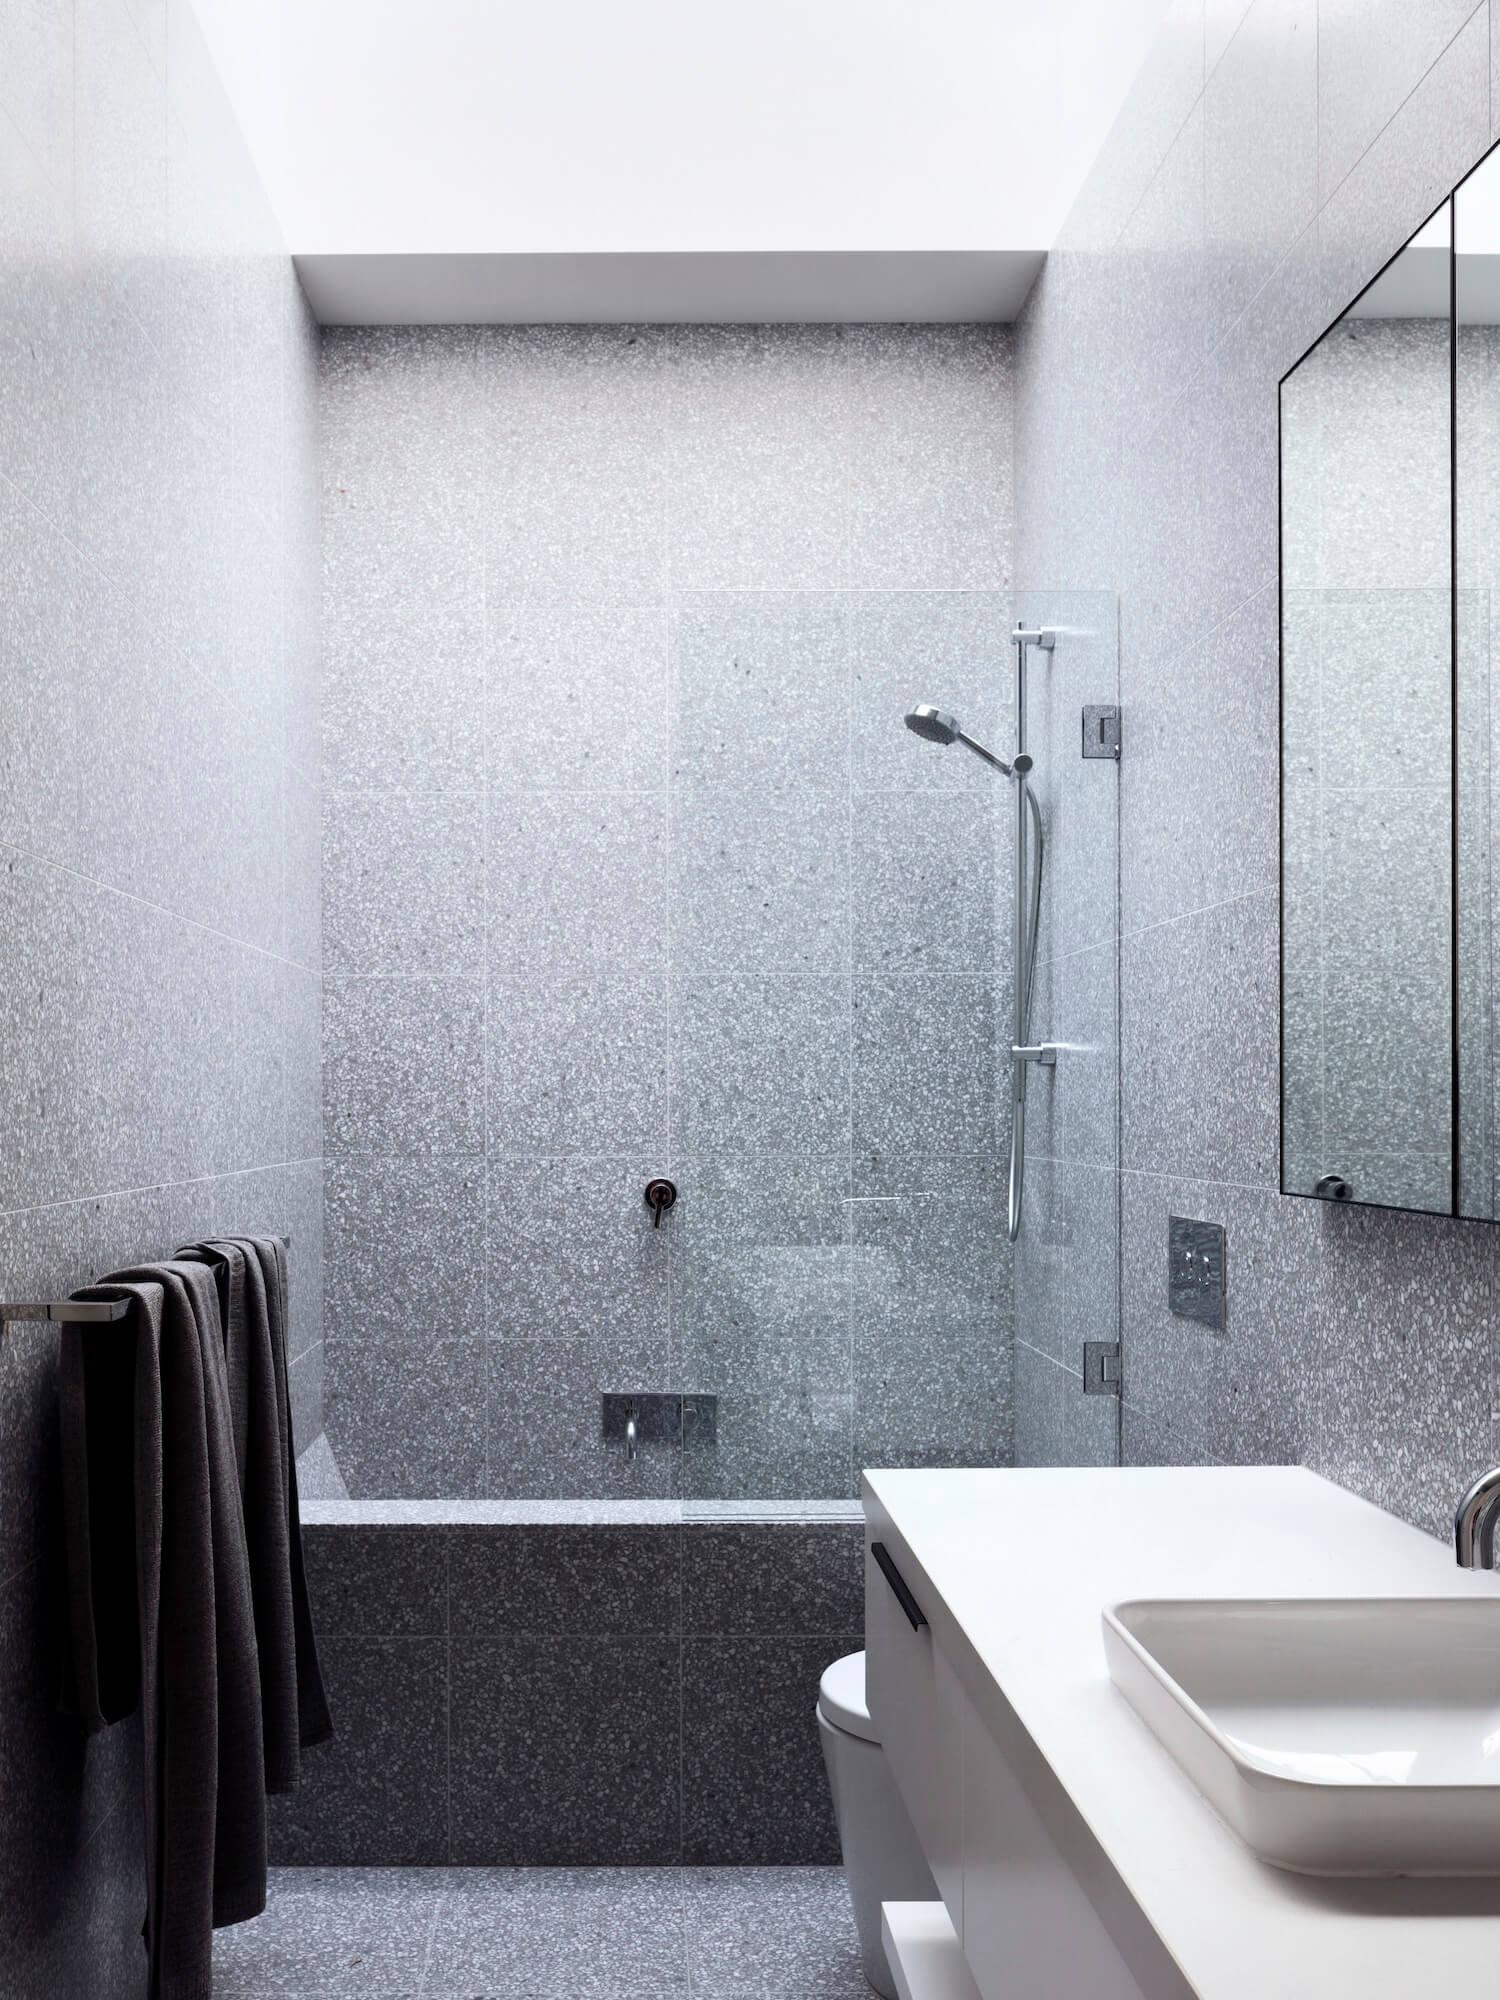 est living port melbourne house pandolfini architects 6